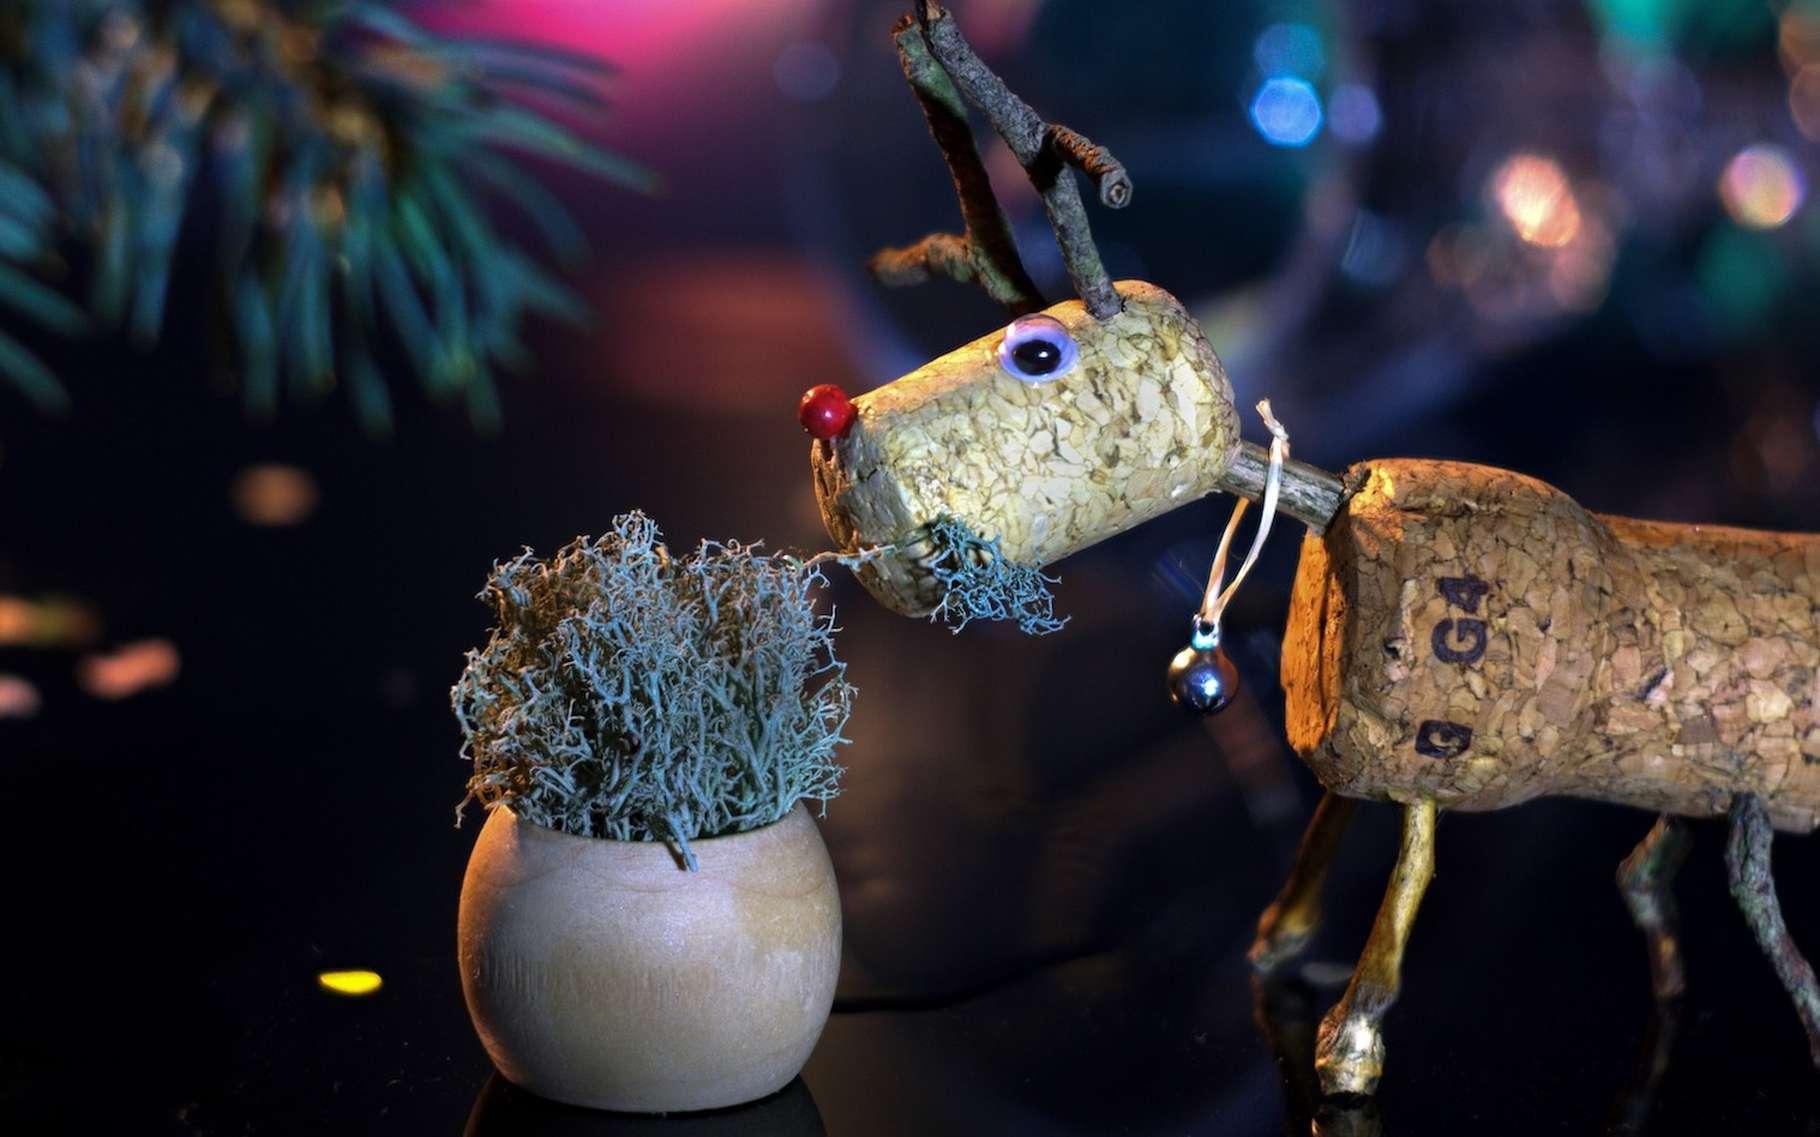 Des chercheurs suggèrent que le nez rouge et brillant du Rudolph serait le résultat d'un phénomène de bioluminescence plutôt classique. © Vasilijus, Pixabay, CC0 Creative Commons